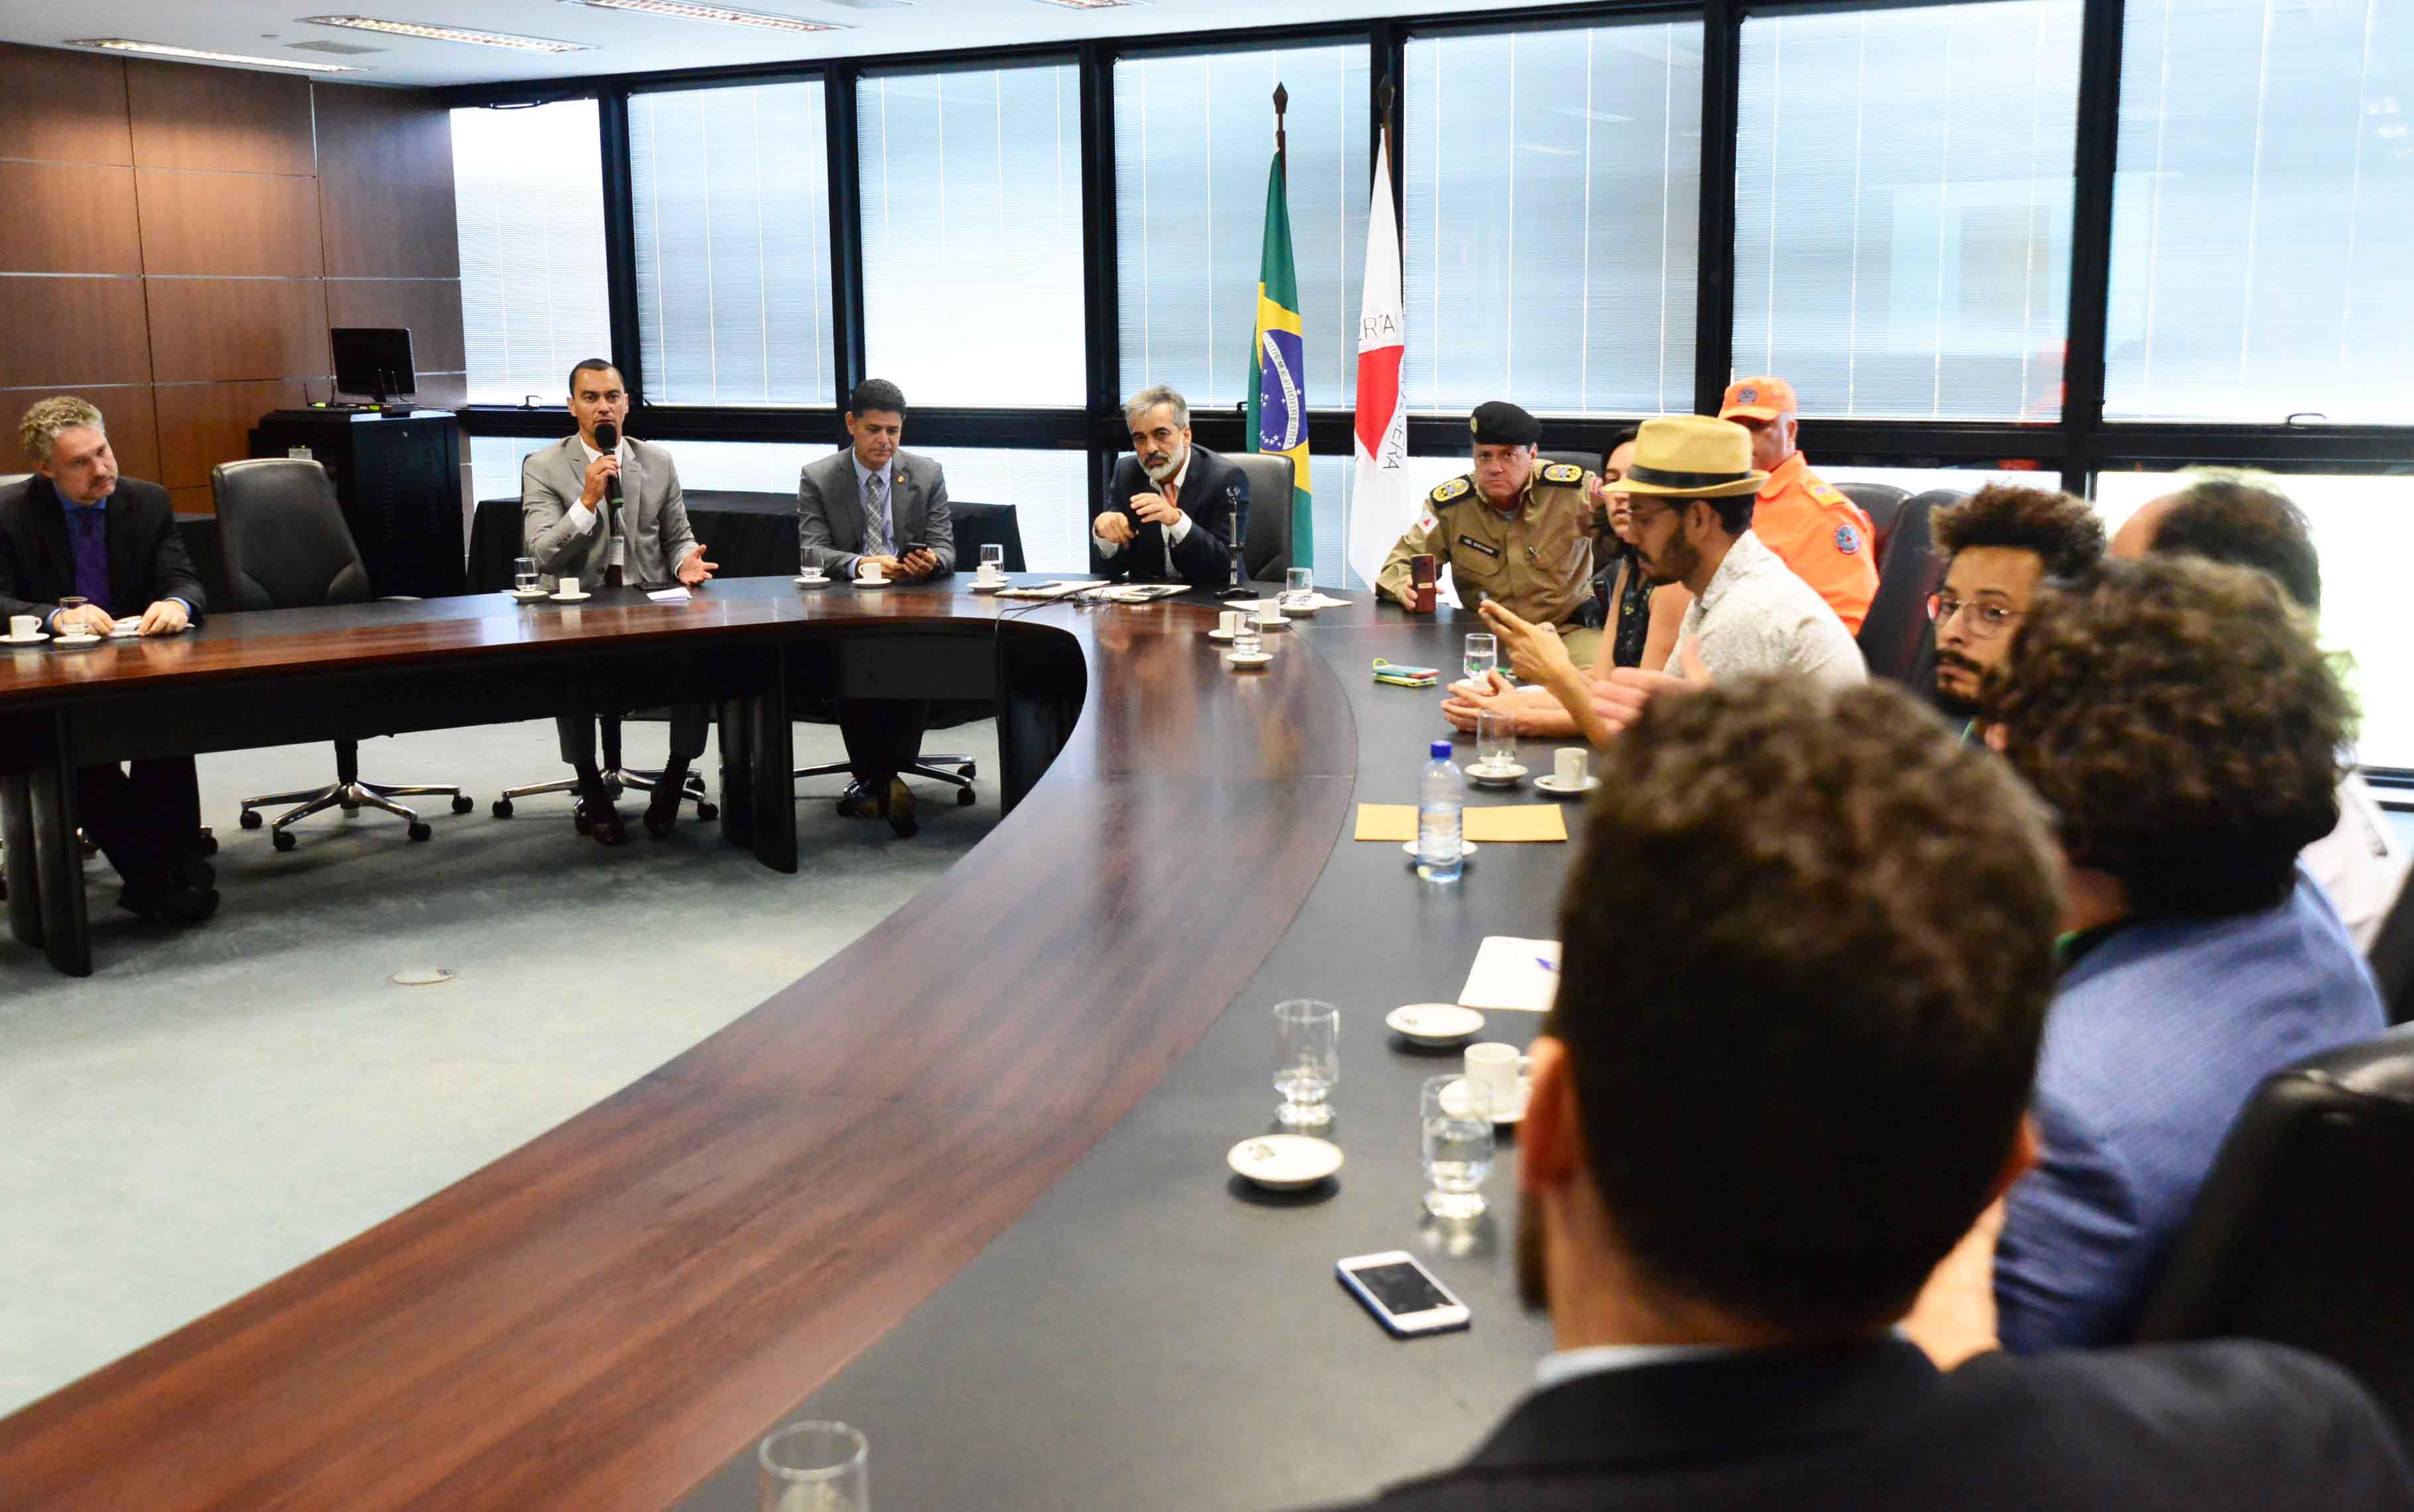 Governo de Minas dialoga com blocos de carnaval e Detran terá força-tarefa para receber e avaliar documentação pendente